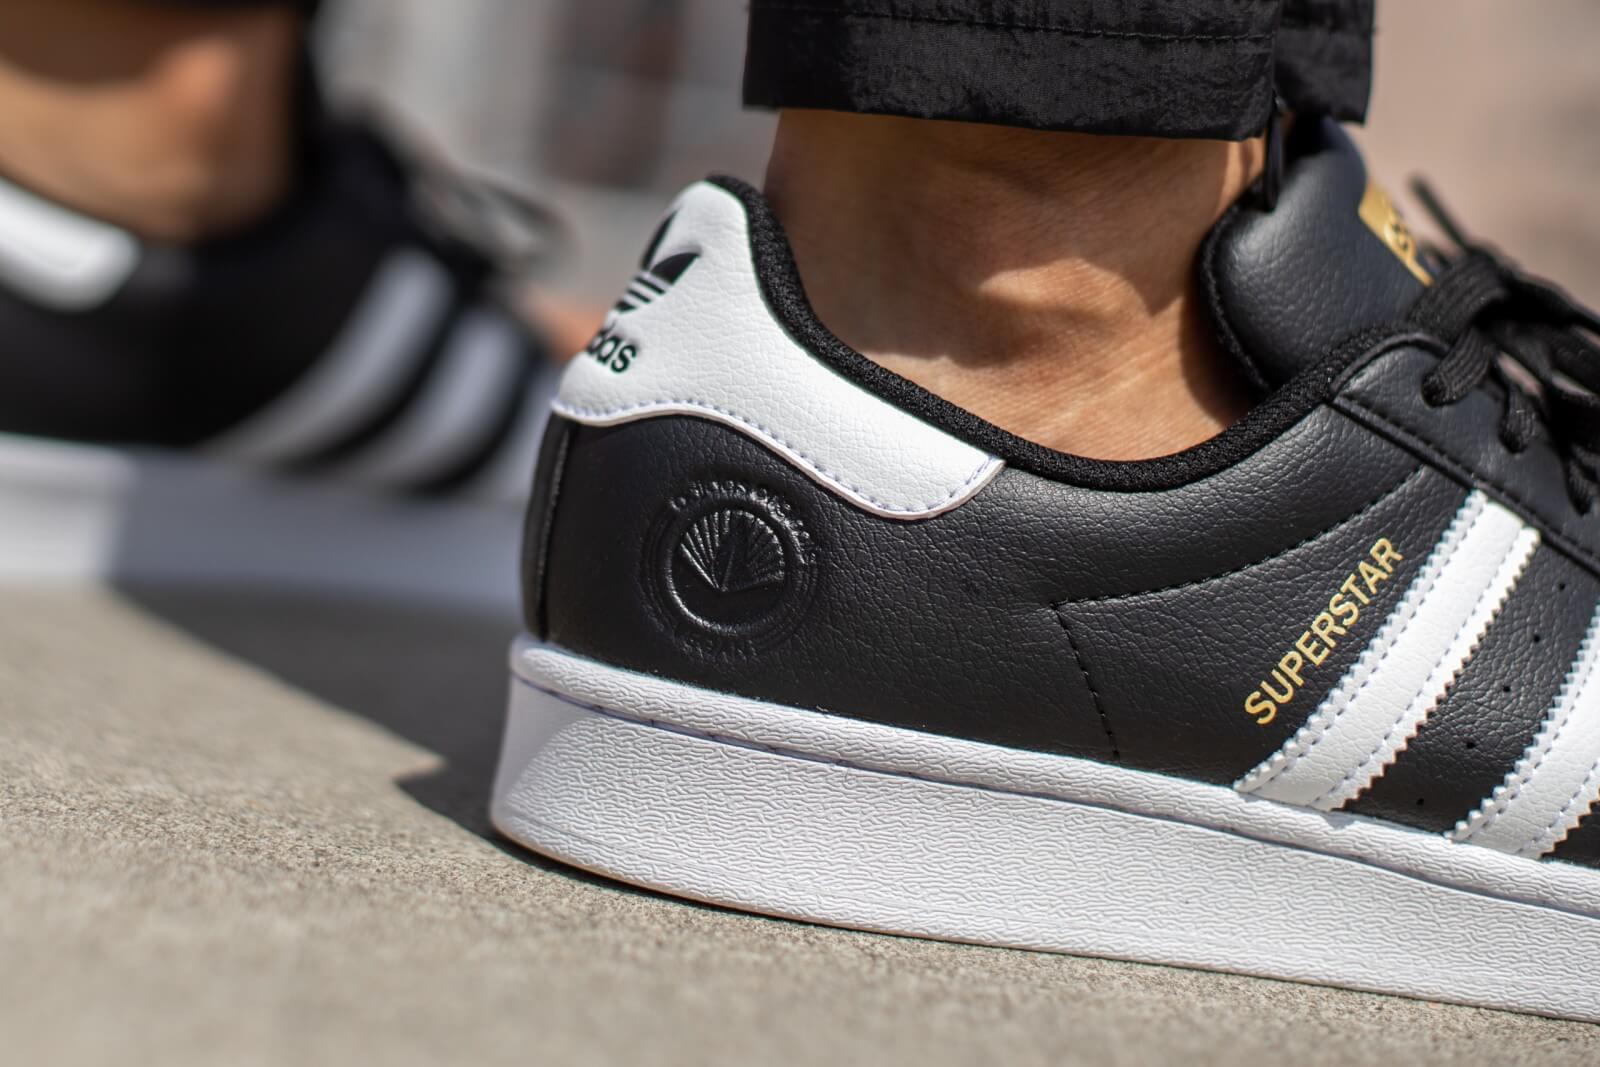 Adidas Superstar Vegan Core BlackCloud White Gold Metallic